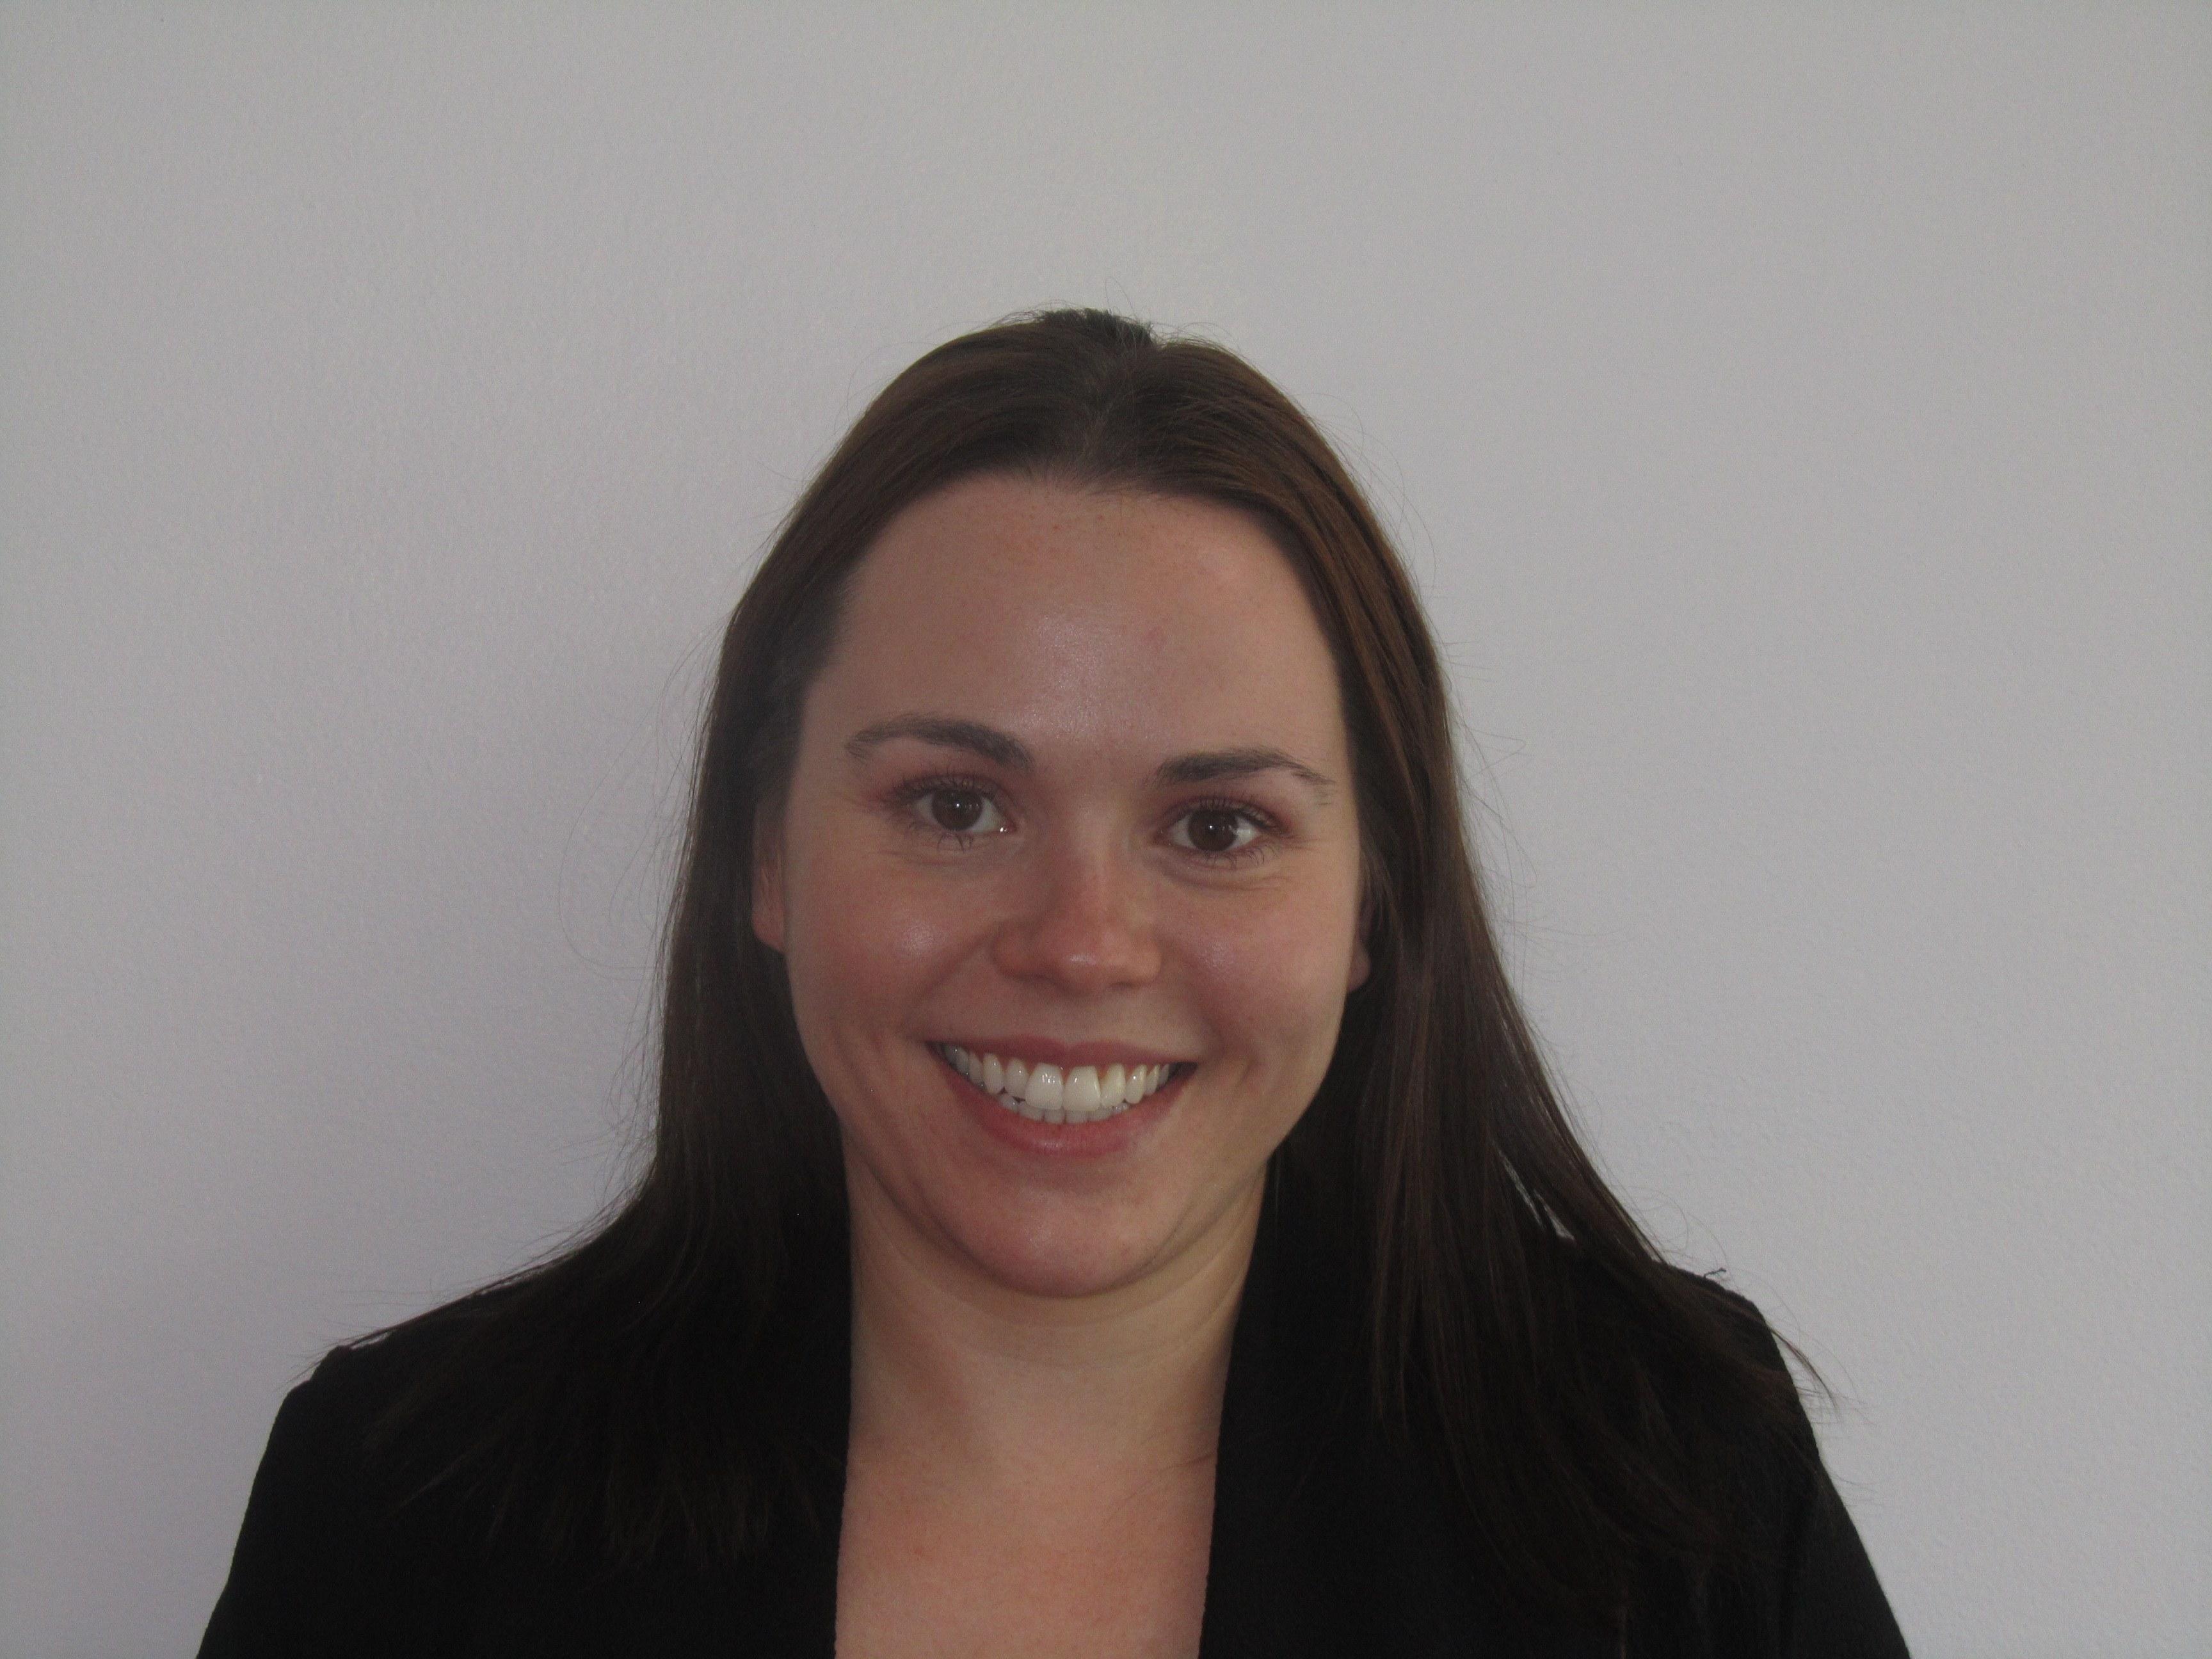 Sarah Monteiro